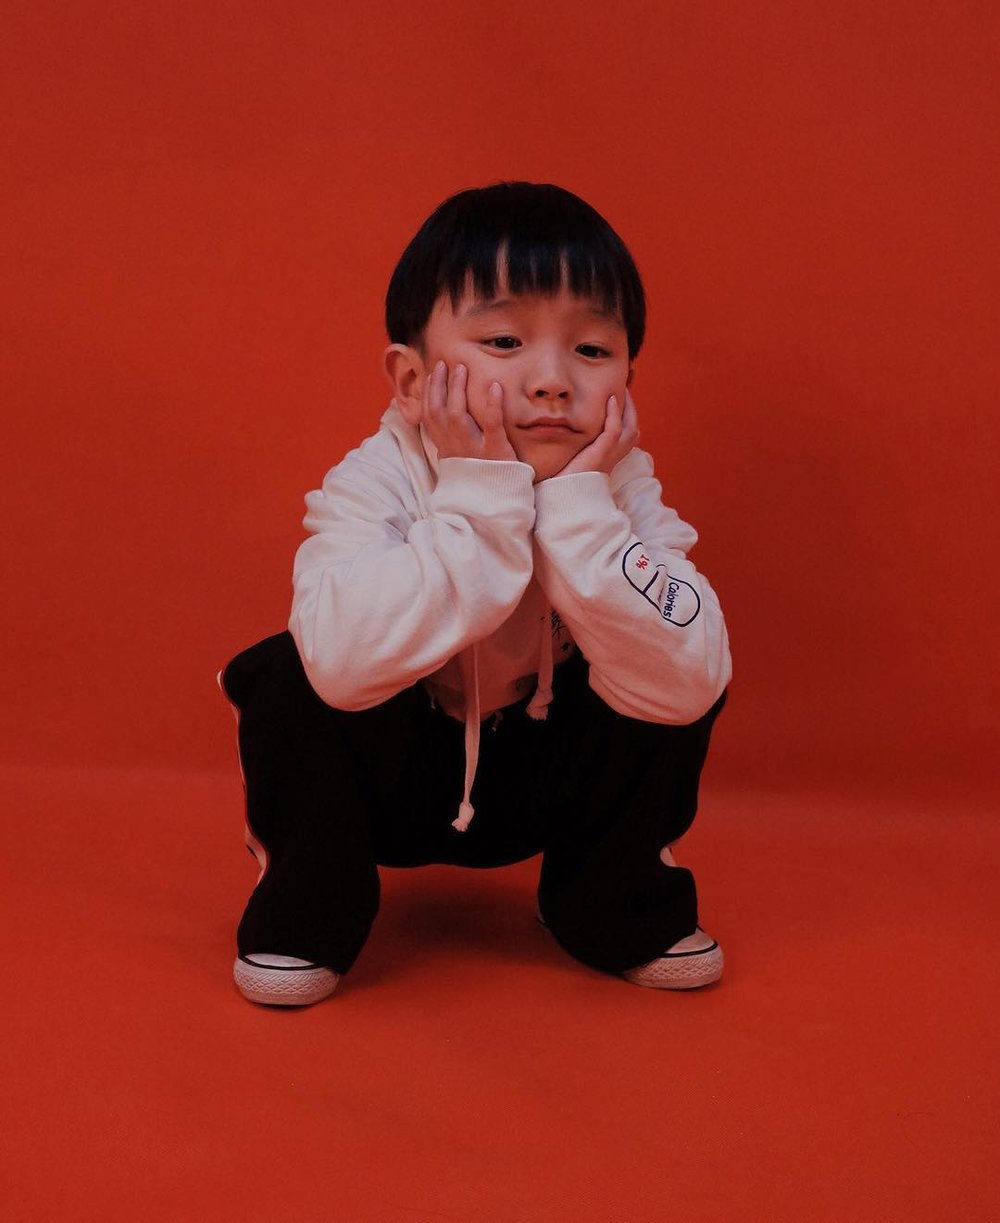 xhuao-wong-9a.jpg